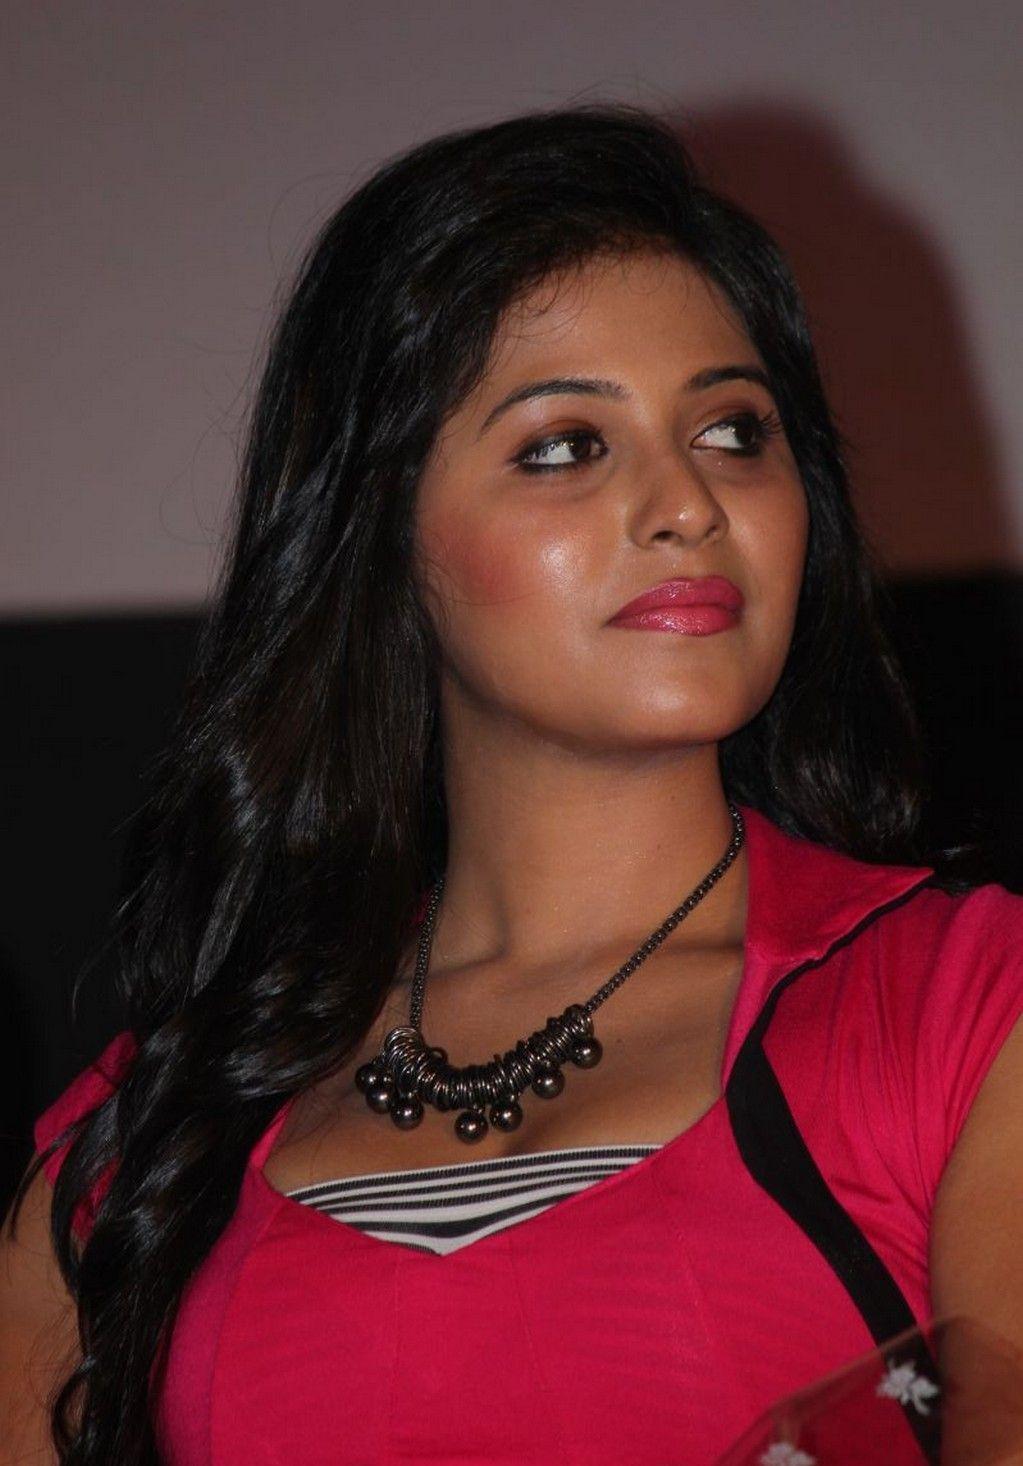 anjali hot photos at settai audio release | south actress